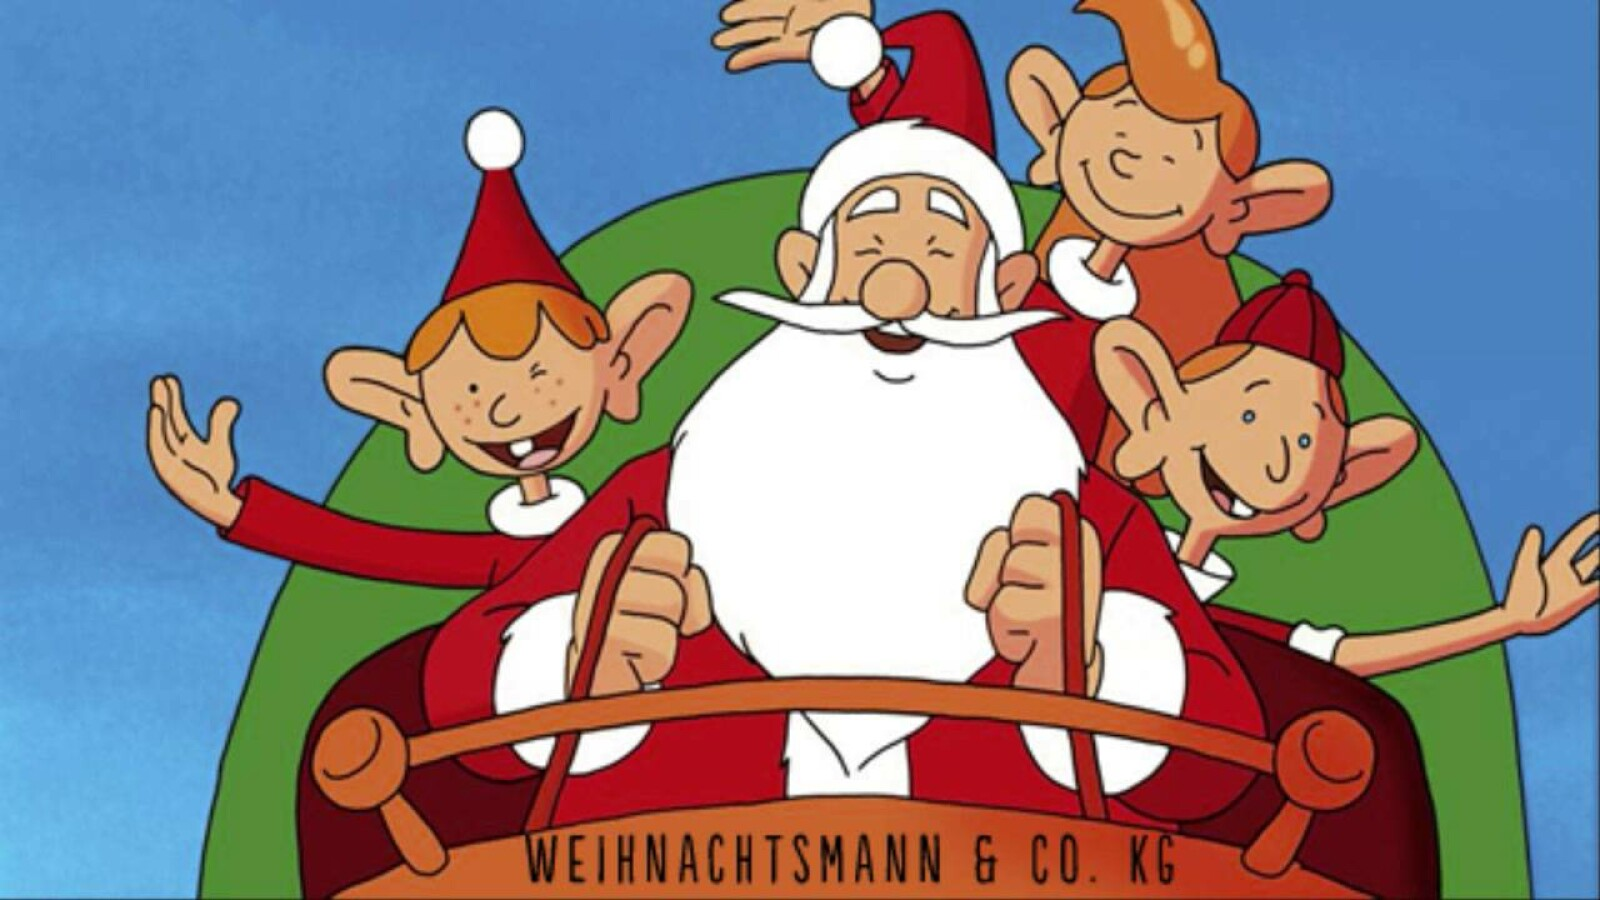 Weihnachtsmann Und Co Kg Online Sehen